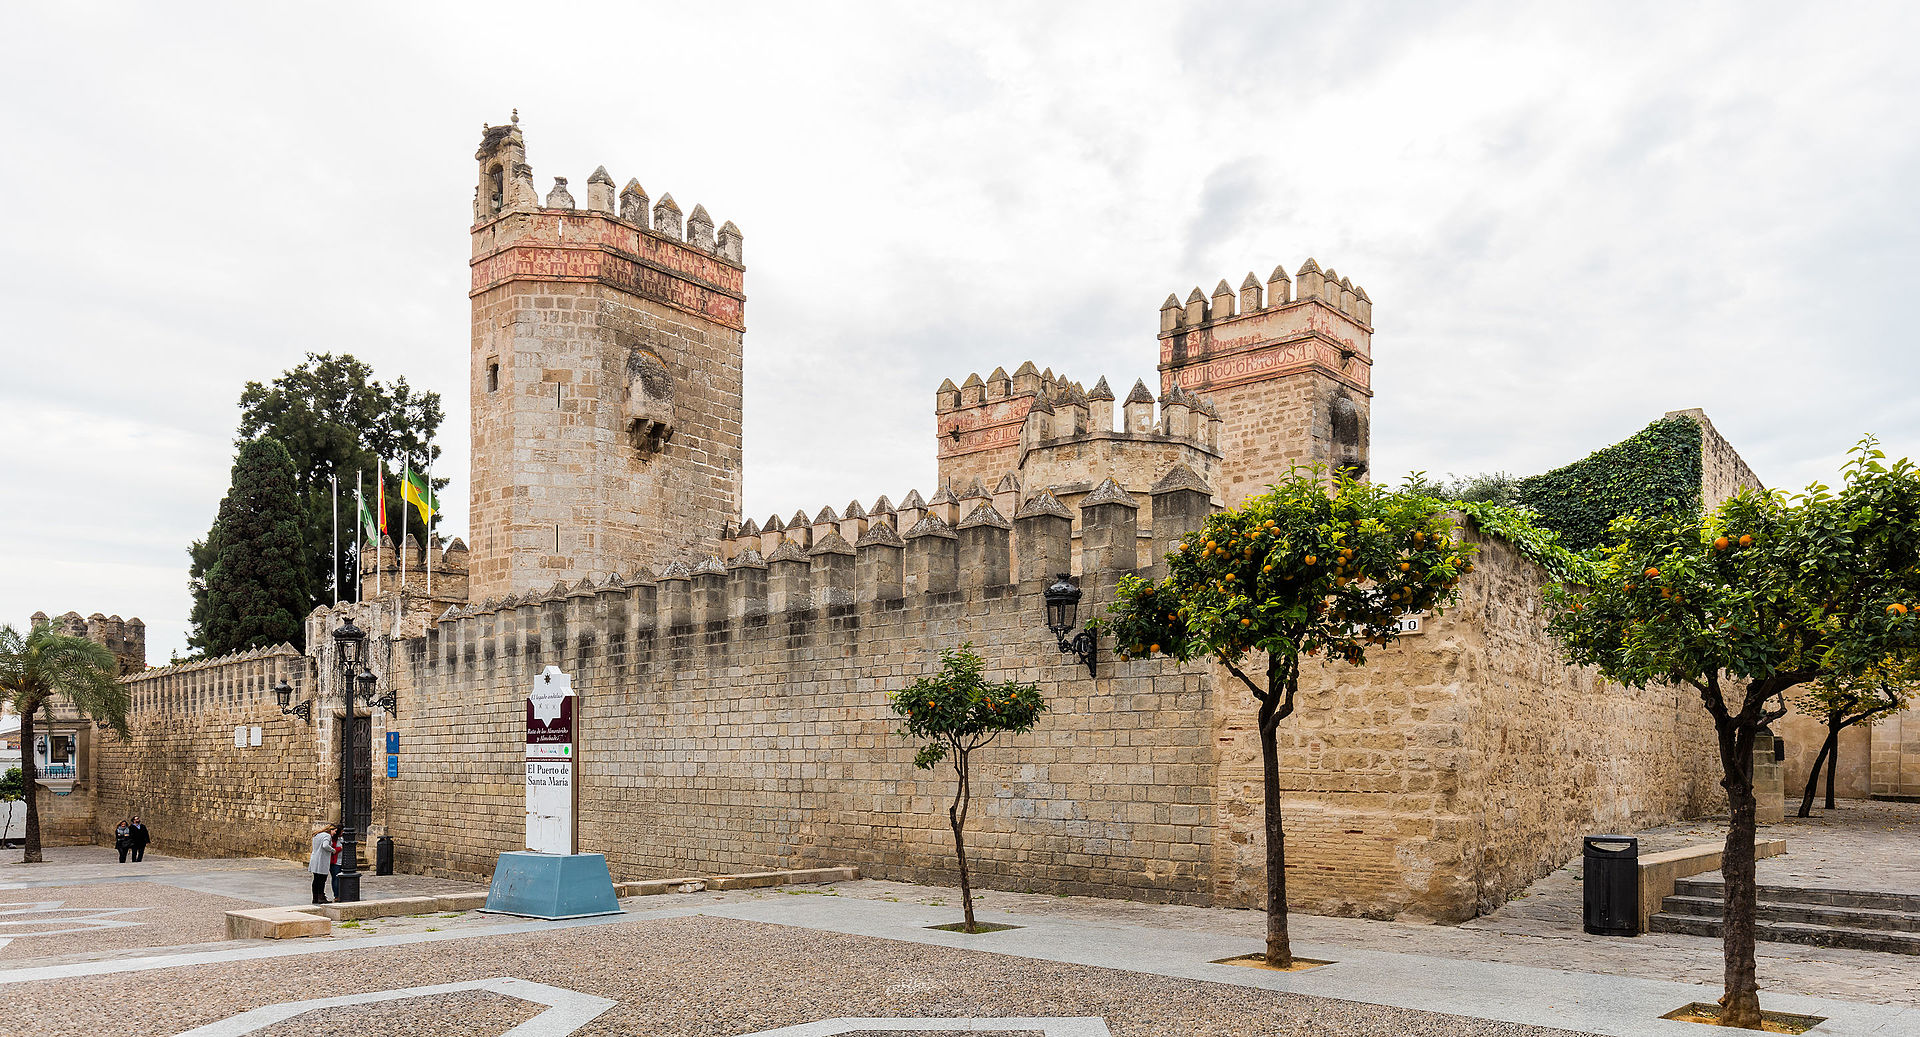 Castillo de san marcos wikipedia la enciclopedia libre - El puerto santa maria ...